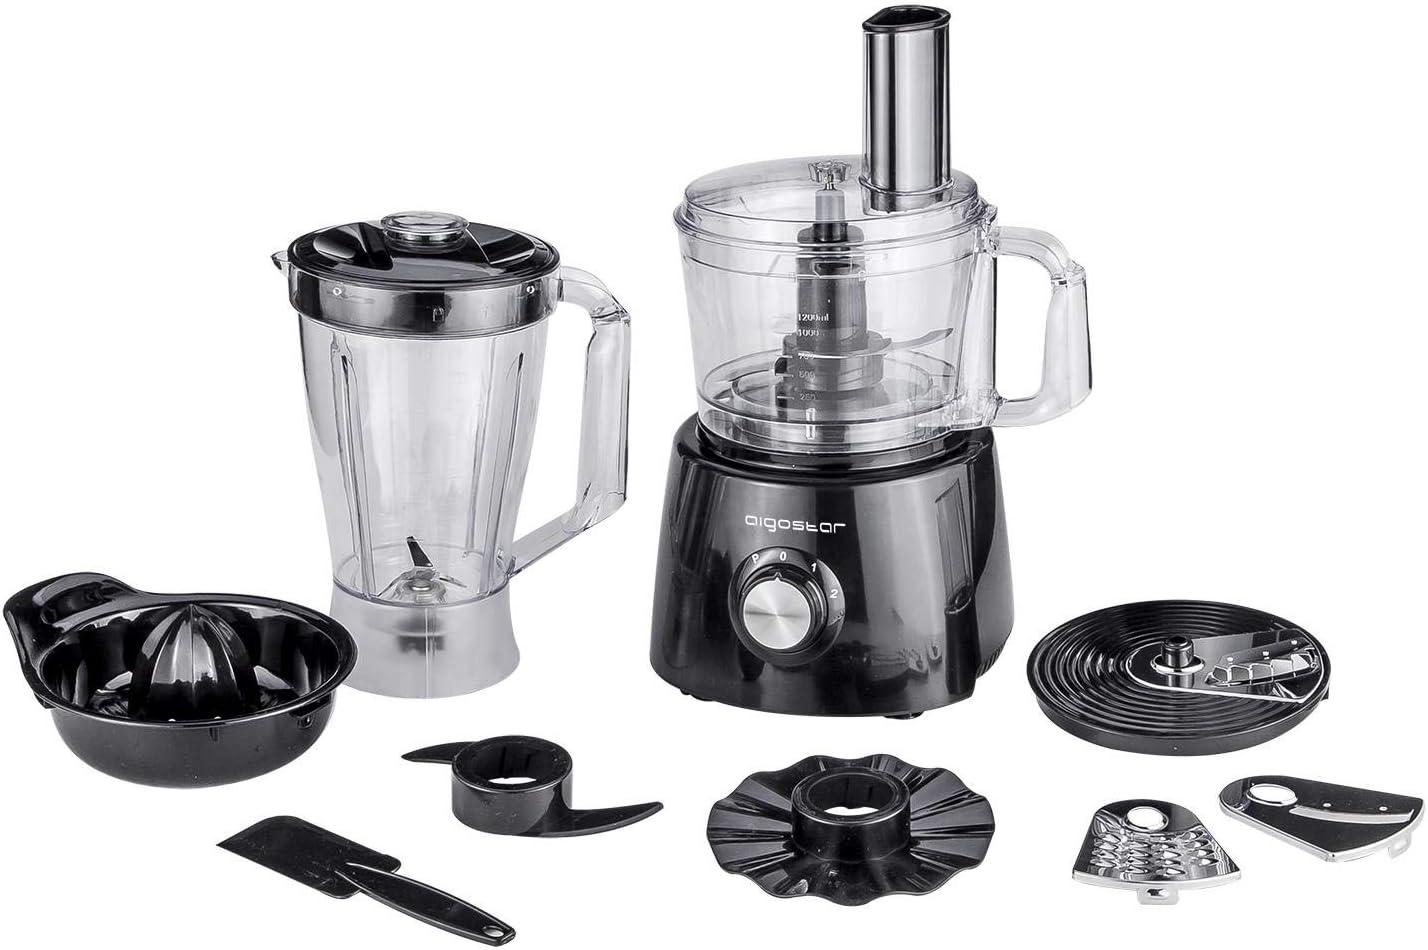 Aigostar Justall 30CFF - Procesador de alimentos con todos sus accesorios. 800 watios. Materiales de alta resistencia. Garantía y calidad exclusiva.